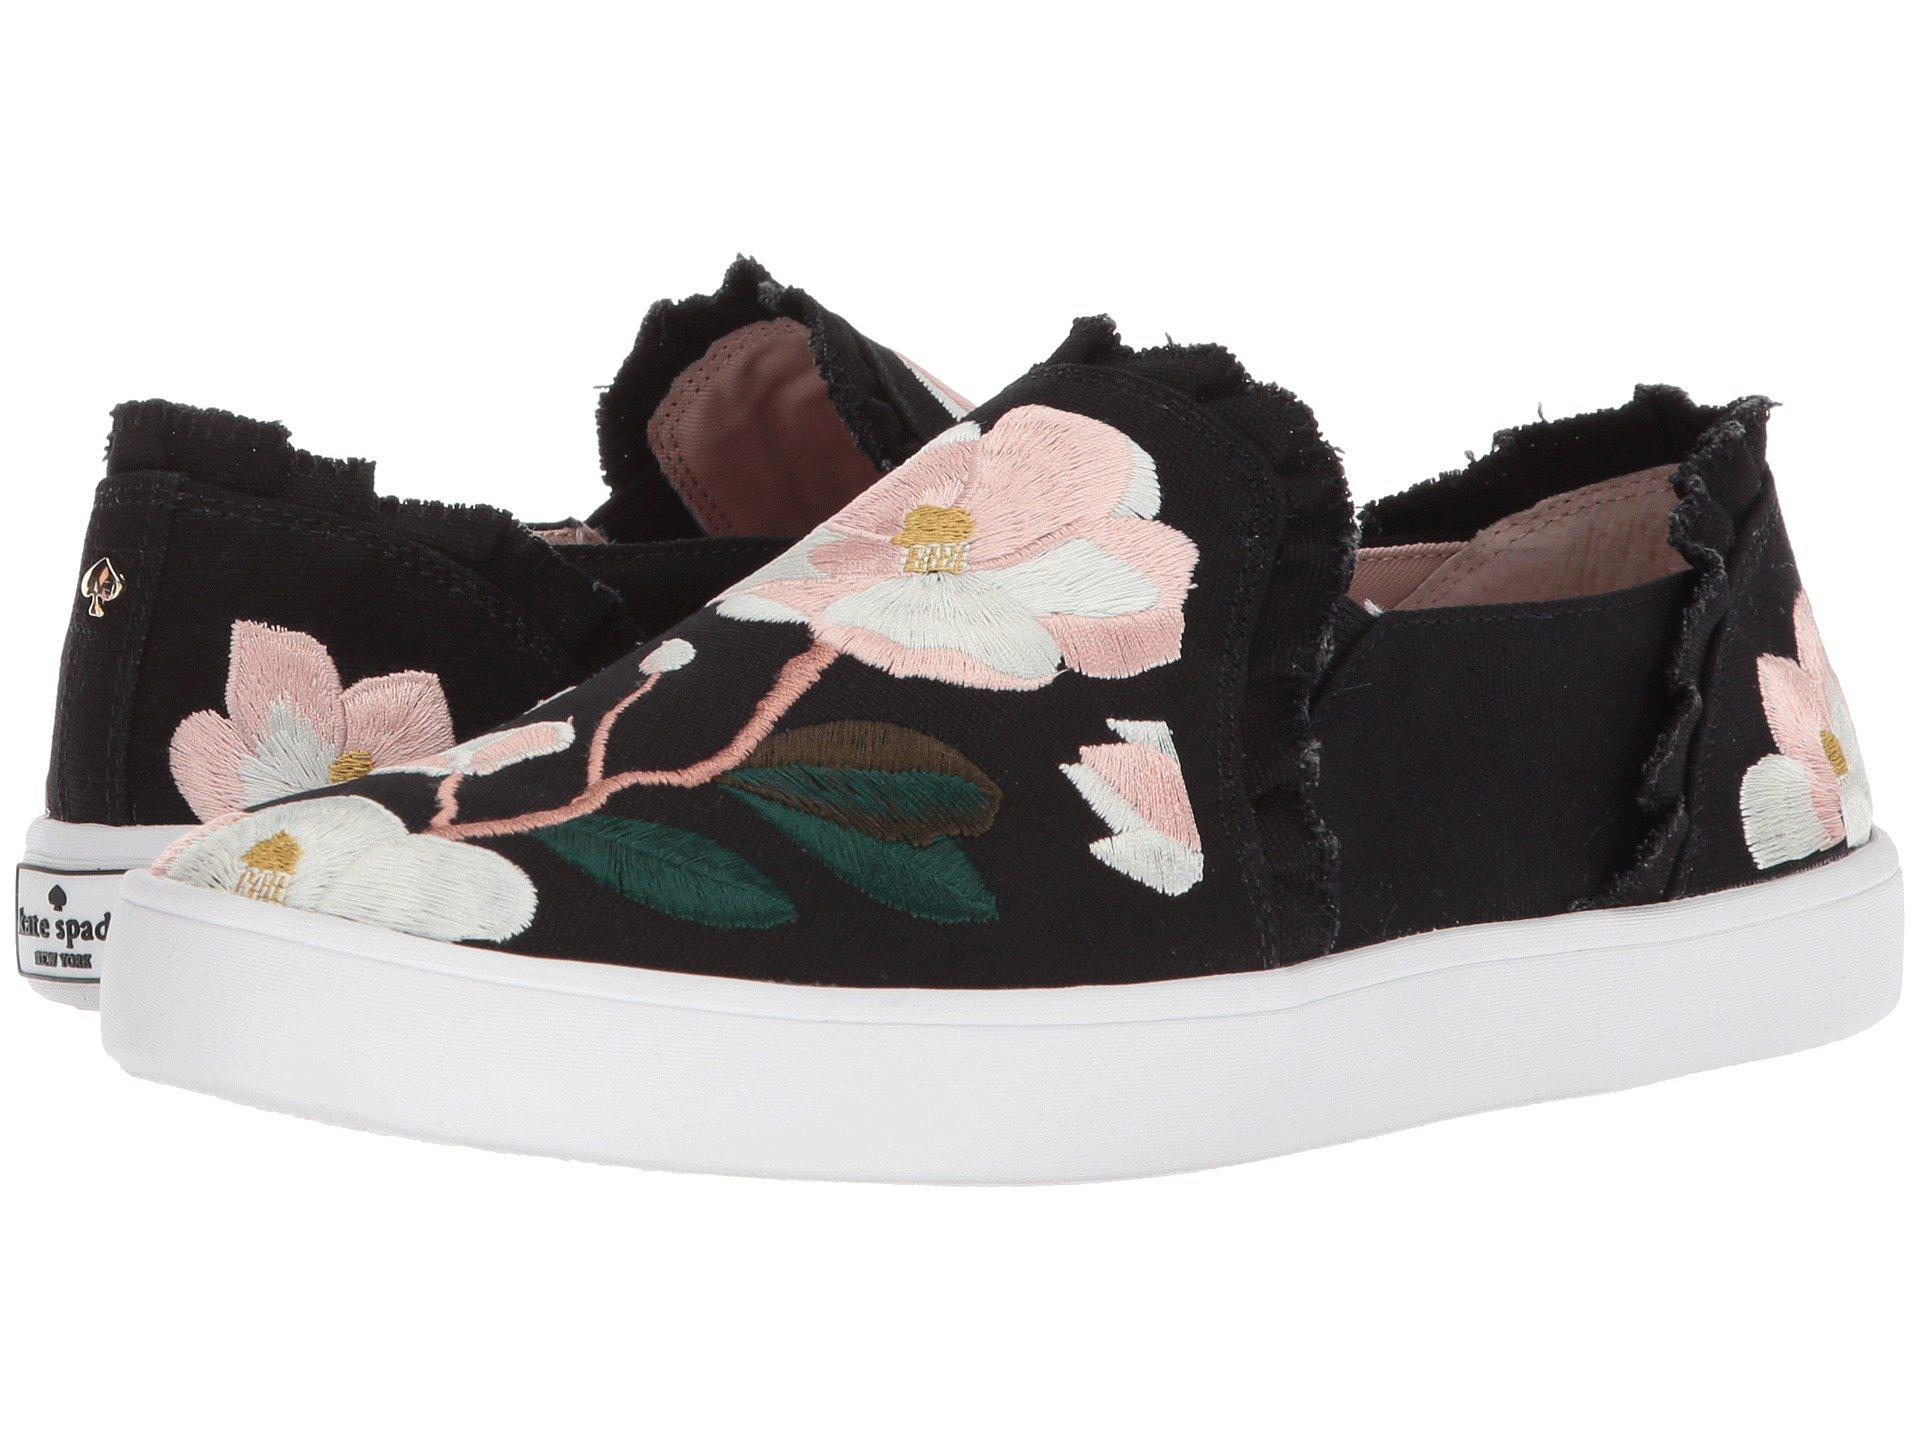 4cc37761648a Lyst - Kate Spade Leonie Sneaker in Black - Save 34%